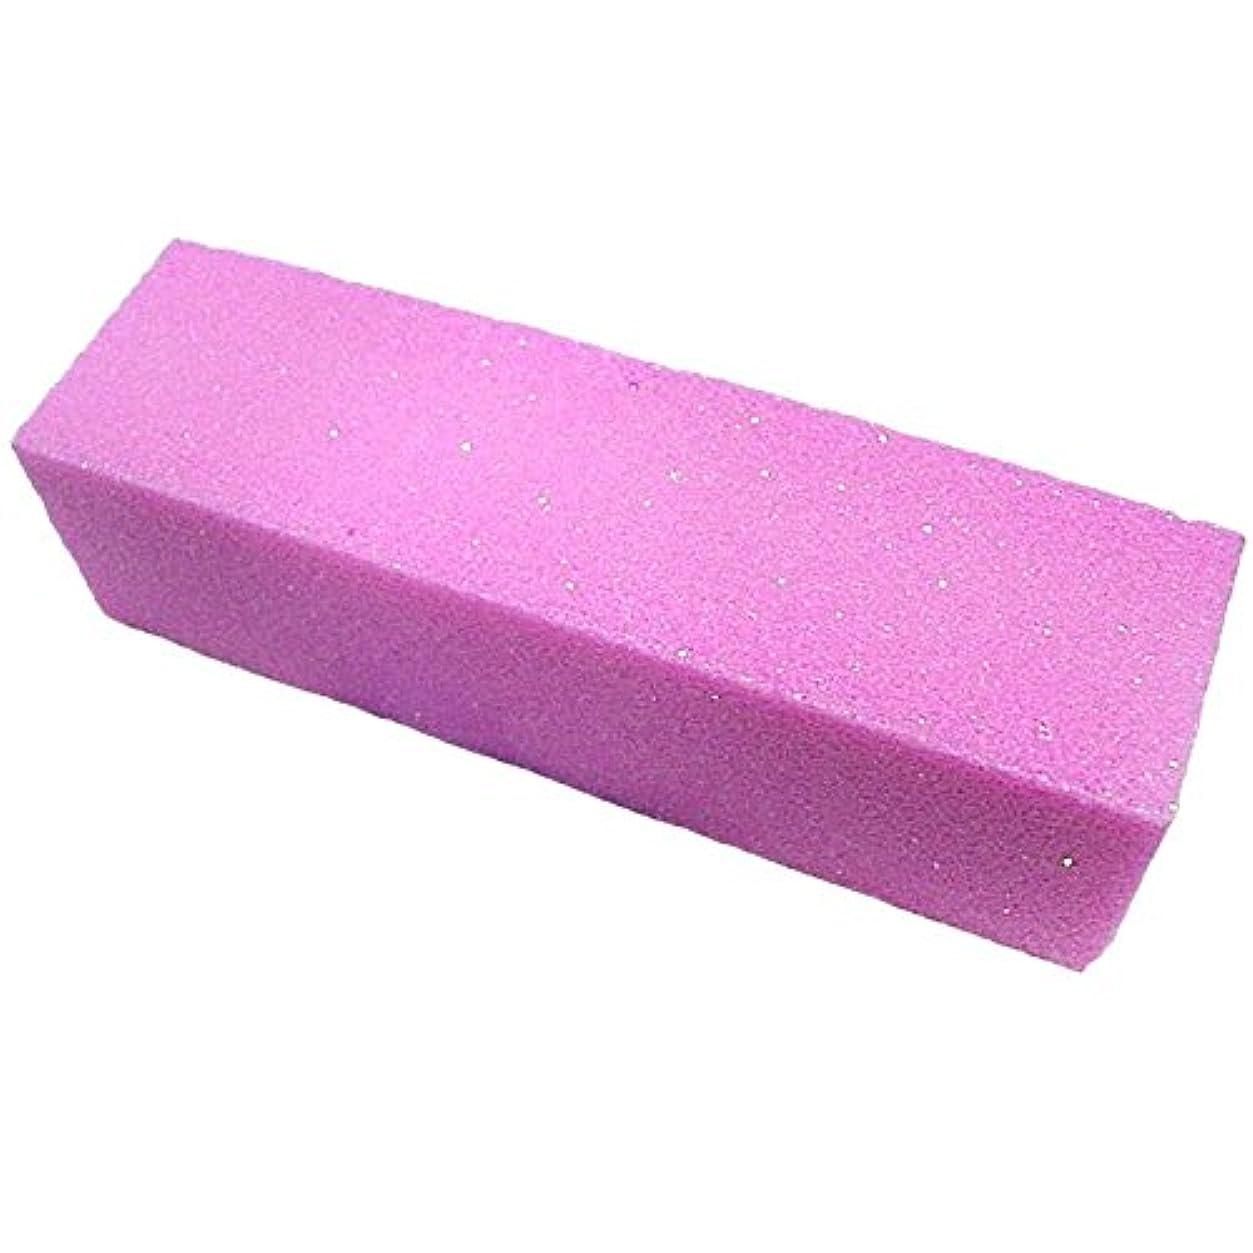 廊下金属作業RETYLY 10xピンク色のバッファバフサンディングブロックファイル マニキュアペディキュア ネイルアートの為